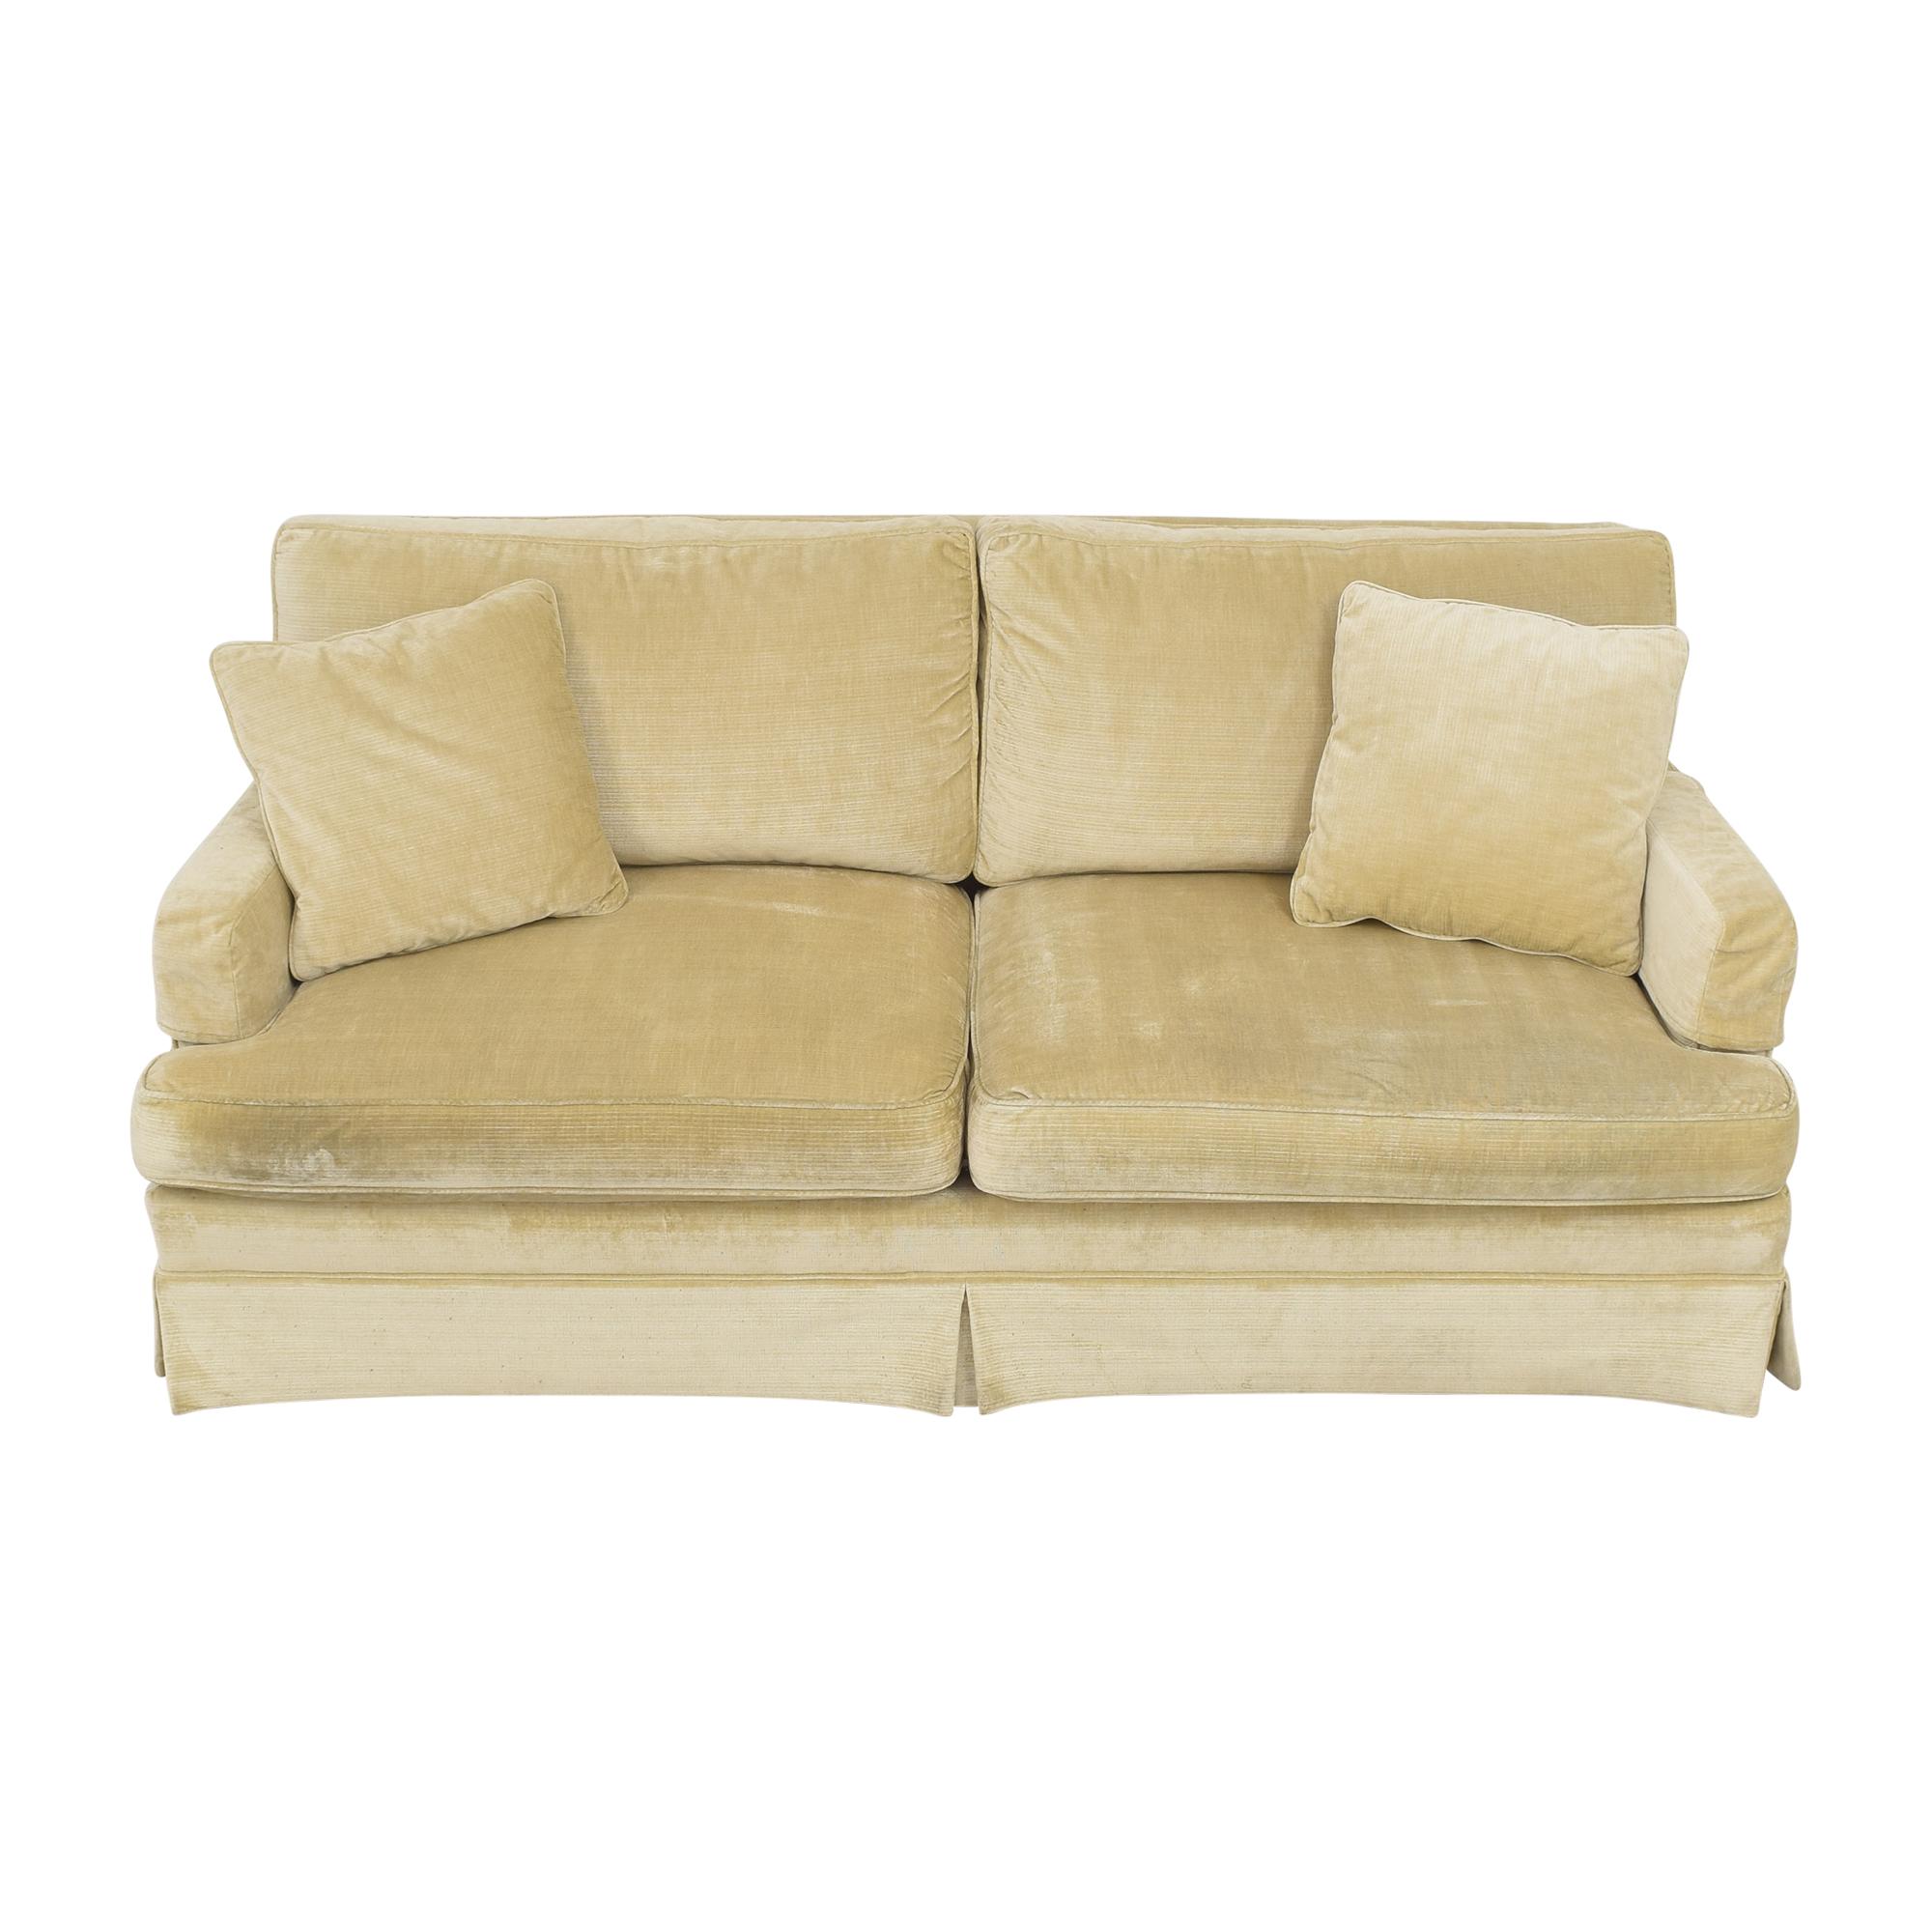 Lee Industries Apartment Sofa / Classic Sofas